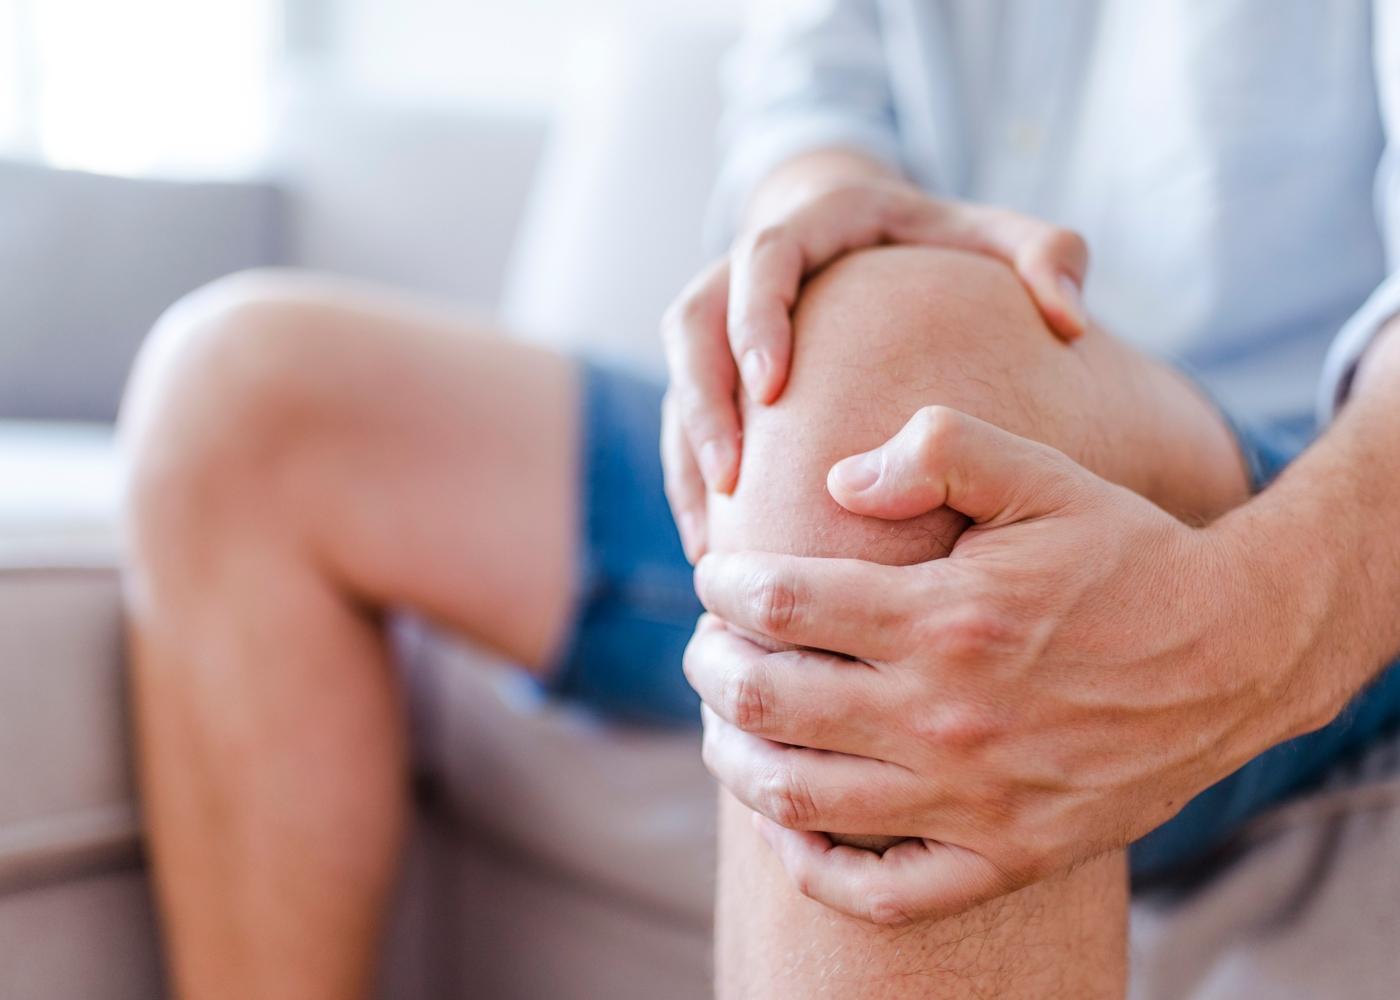 Homem com dores no joelho